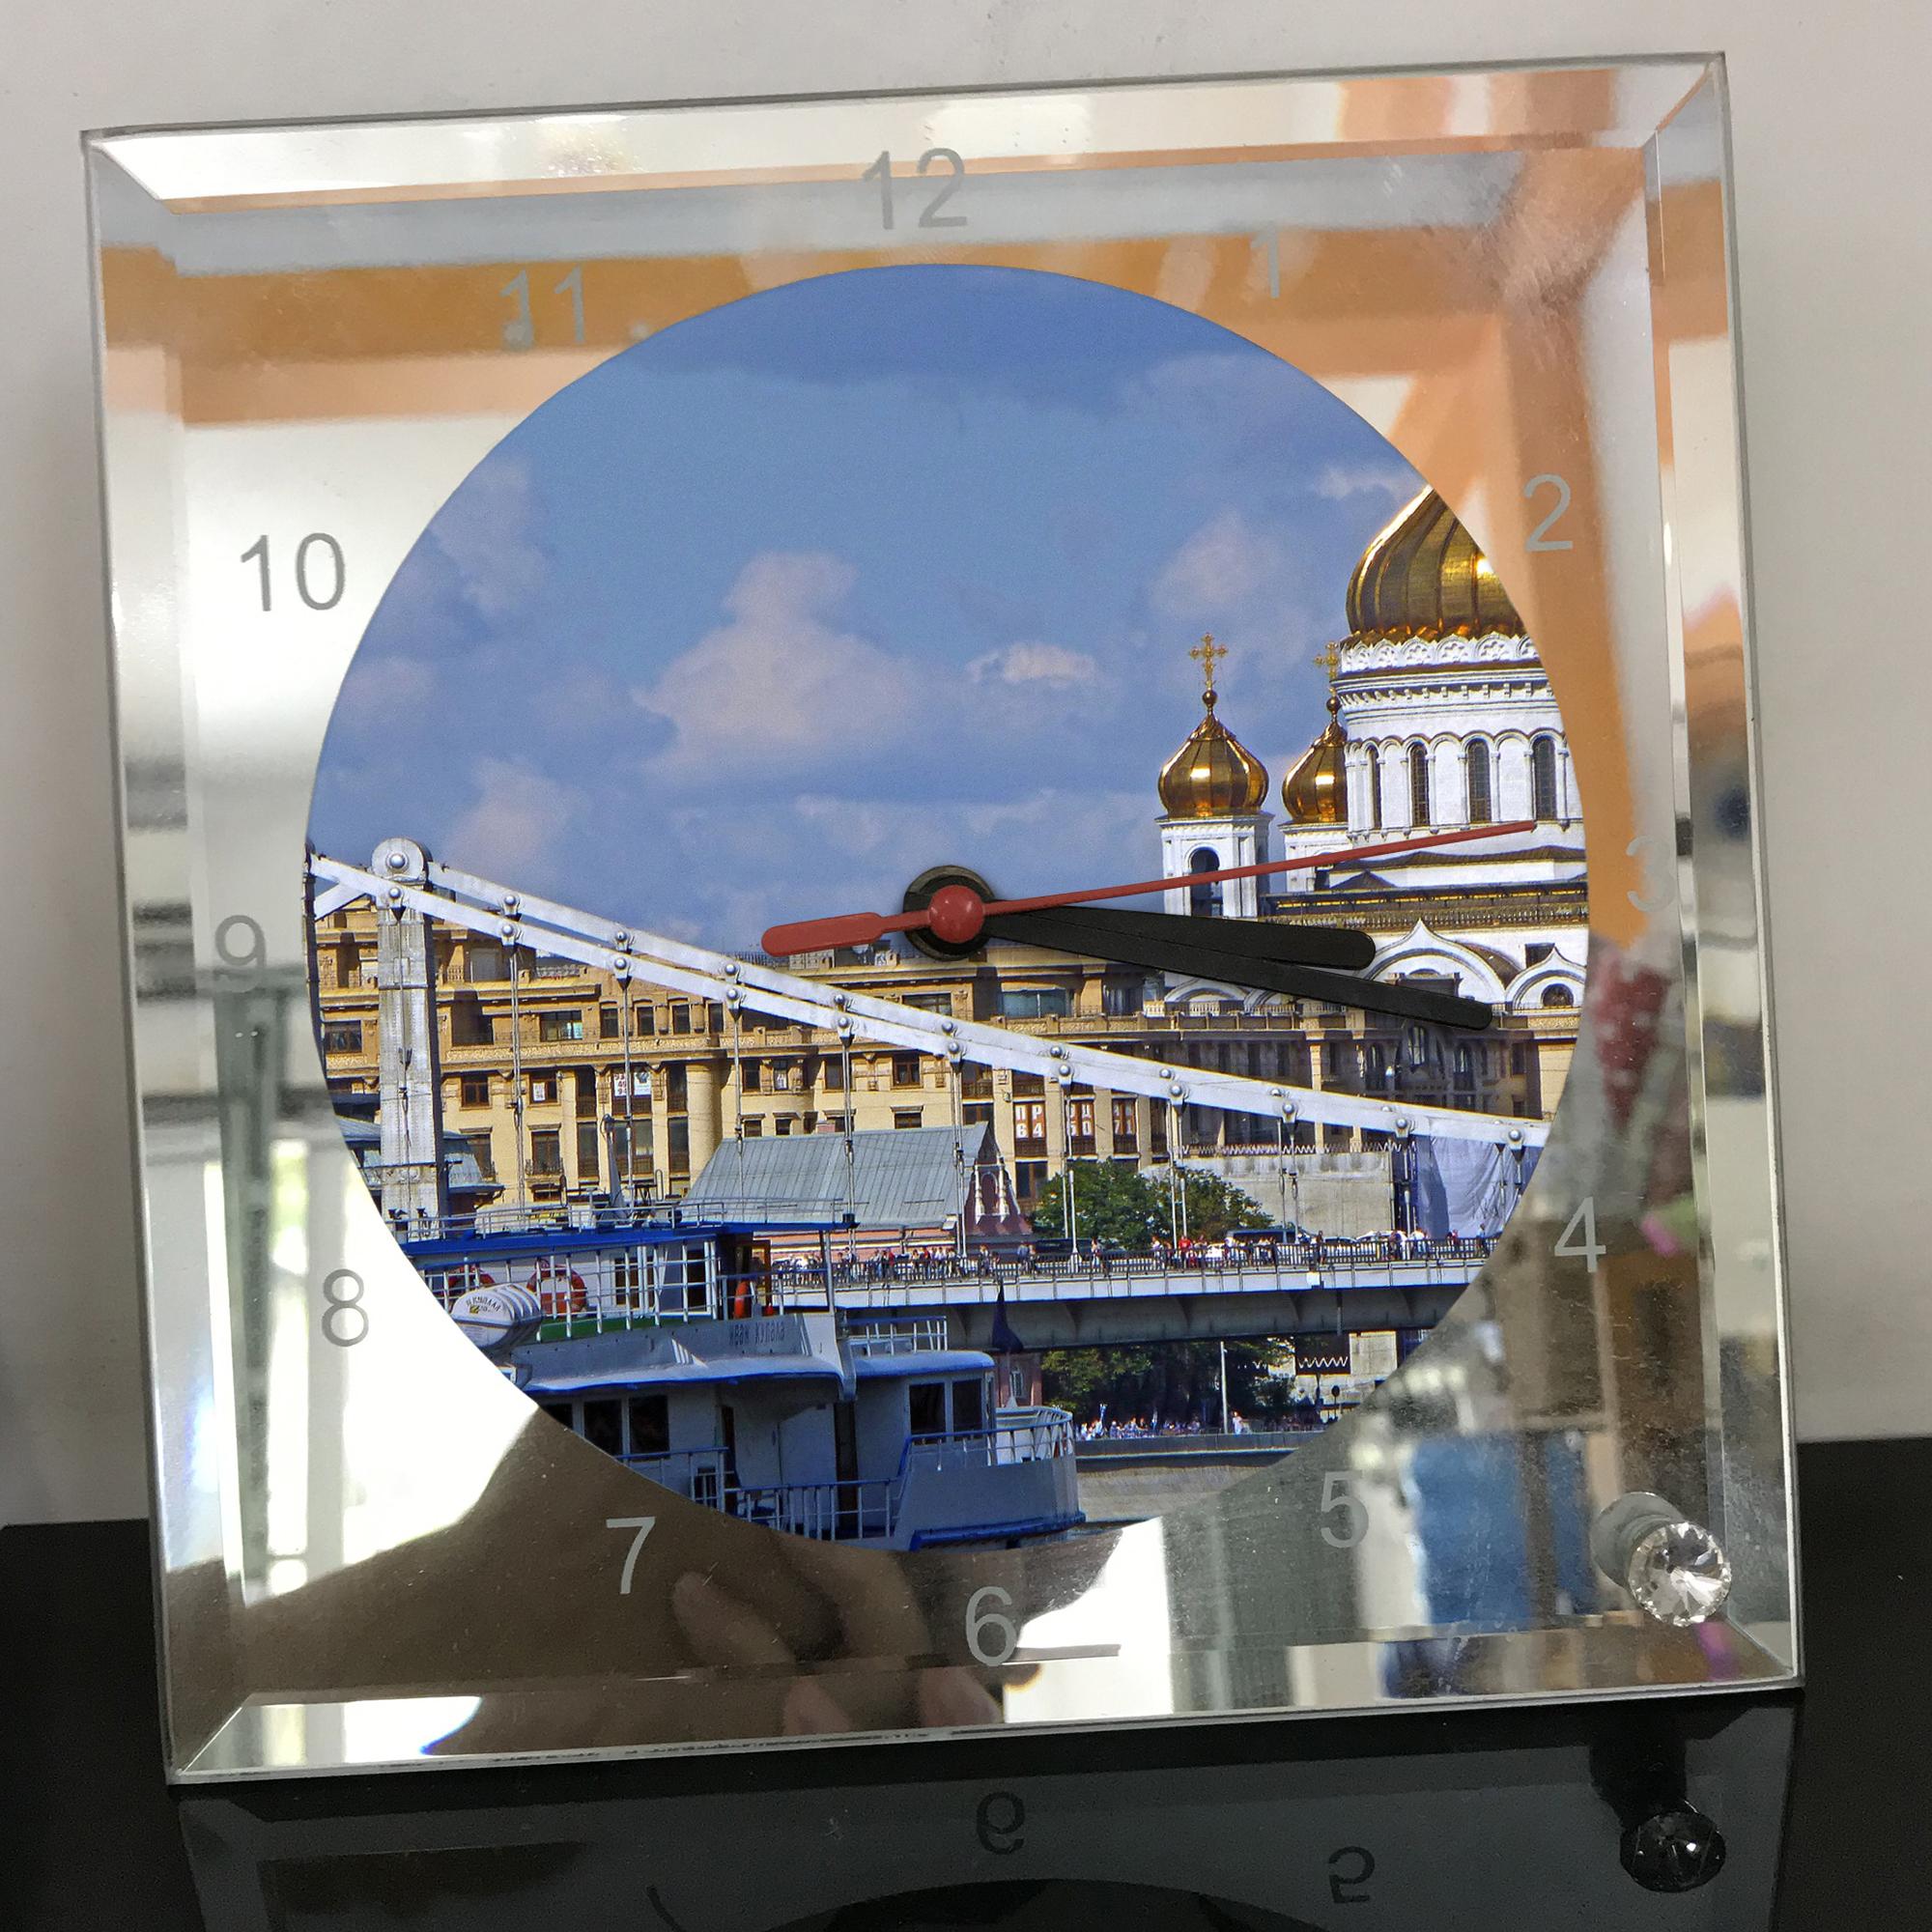 Đồng hồ thủy tinh vuông 20x20 in hình Cathedral Of Christ the saviour (50) . Đồng hồ thủy tinh để bàn trang trí đẹp chủ đề tôn giáo